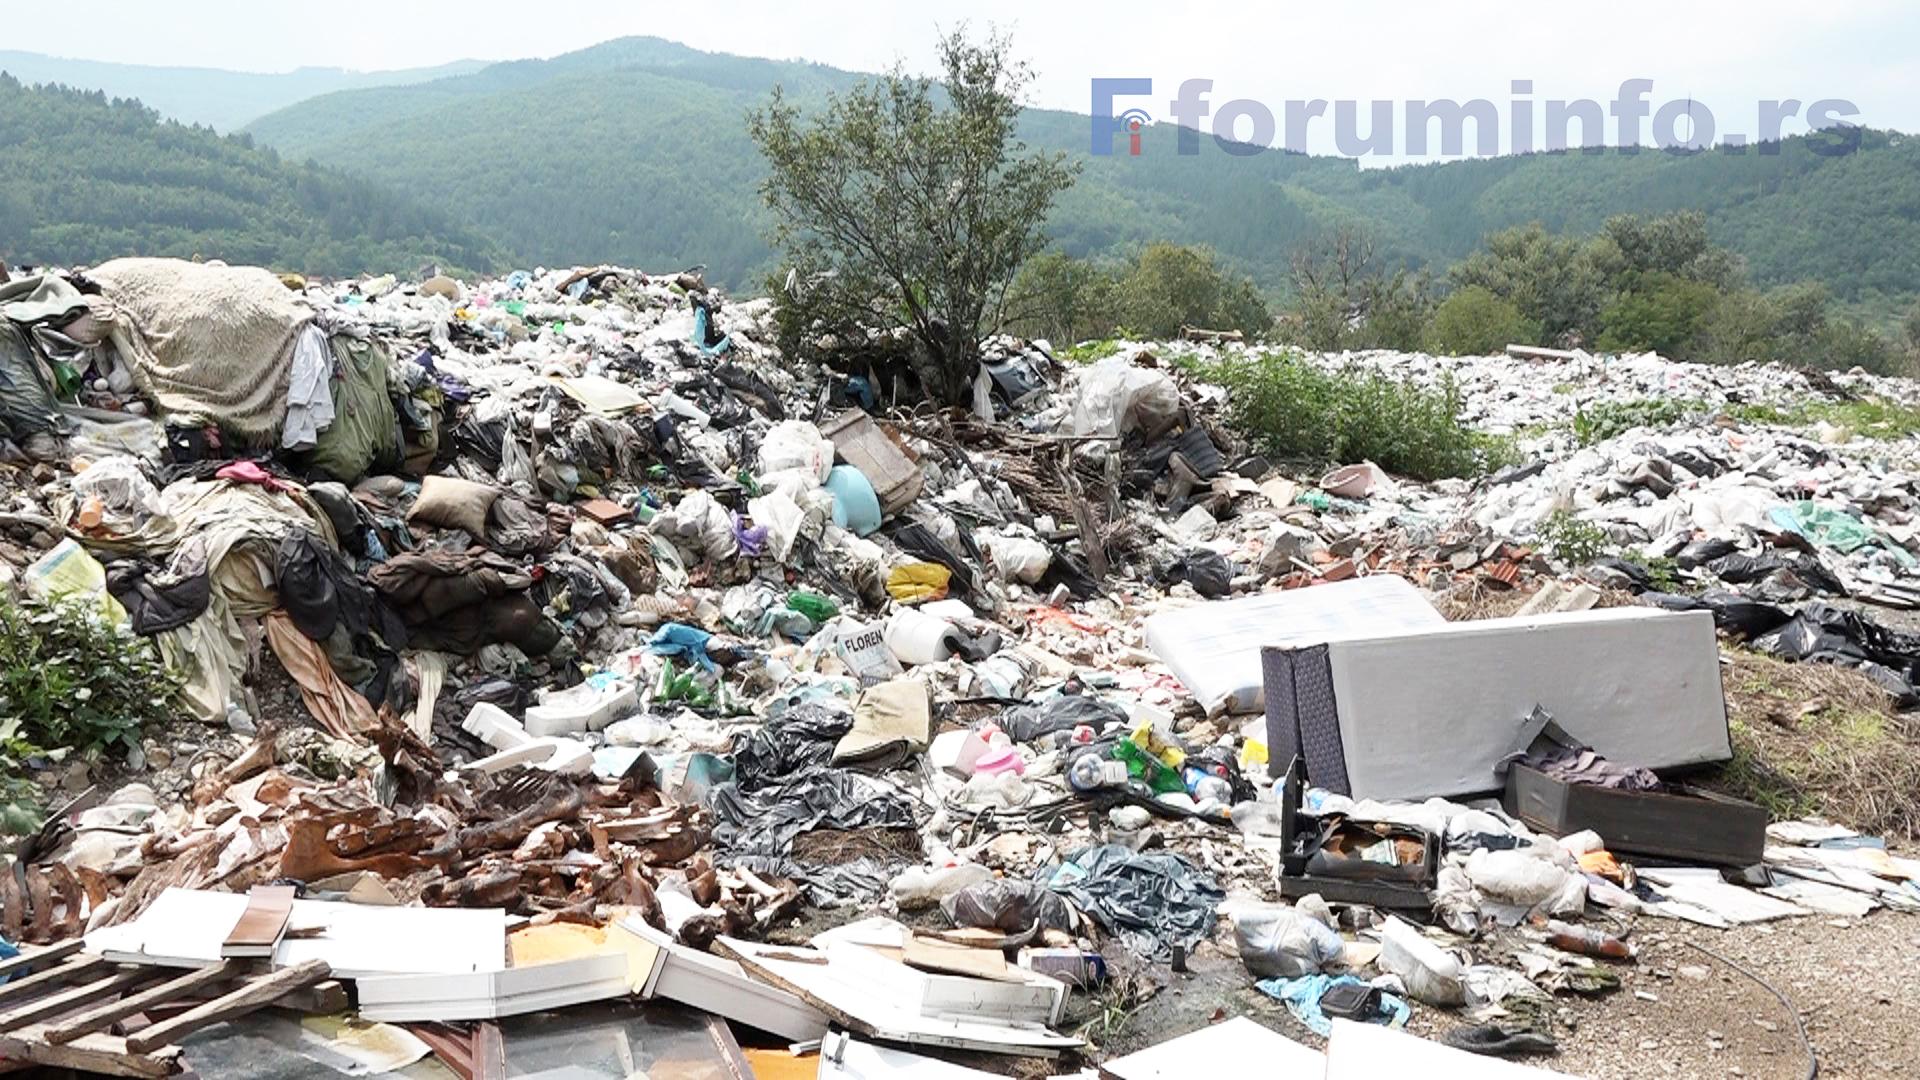 Поновљен поступак за санацију и рекултивацију несанитарне депоније Стањевине